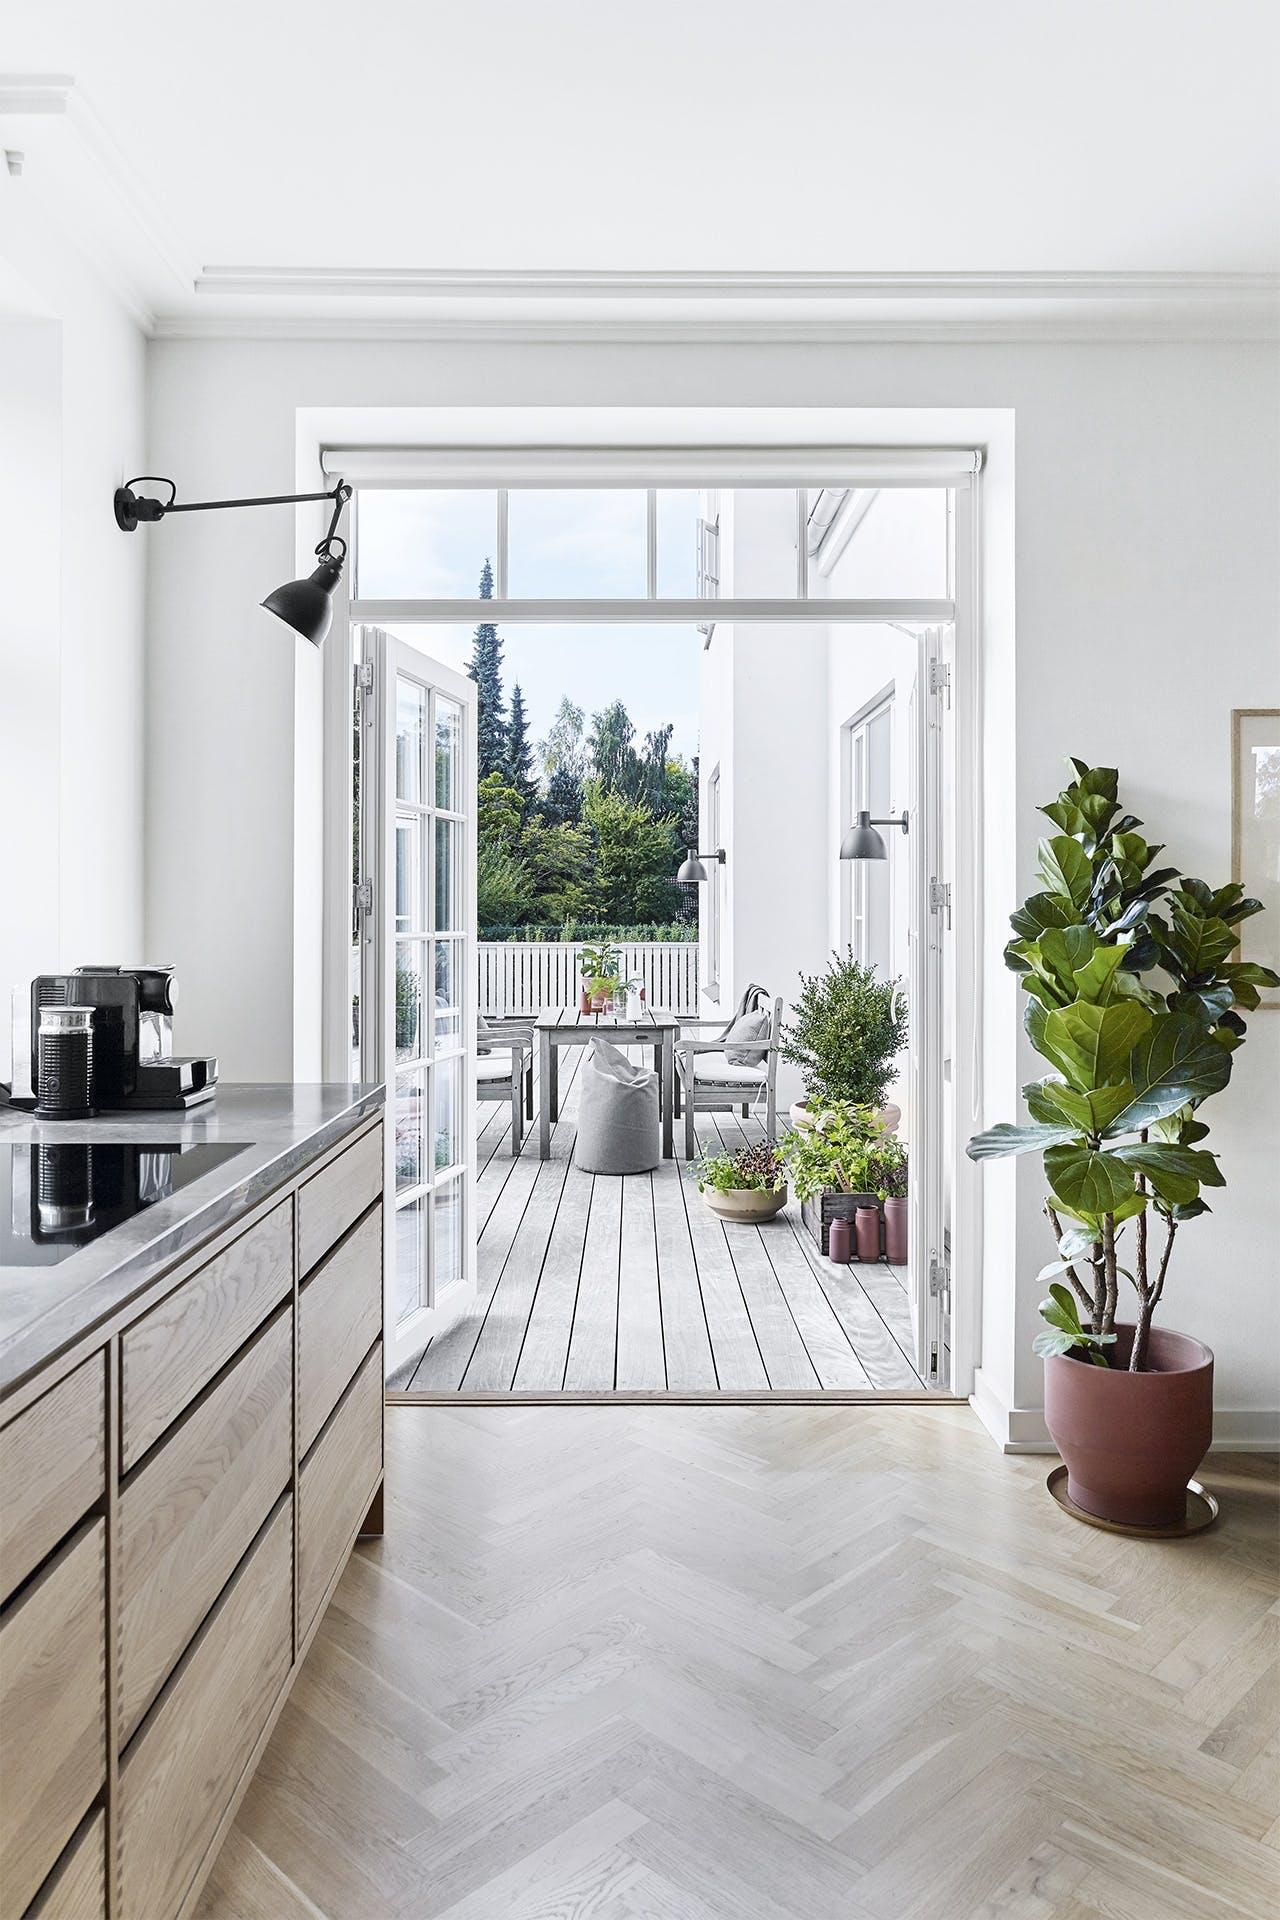 villa hellerup indretning køkken terresse